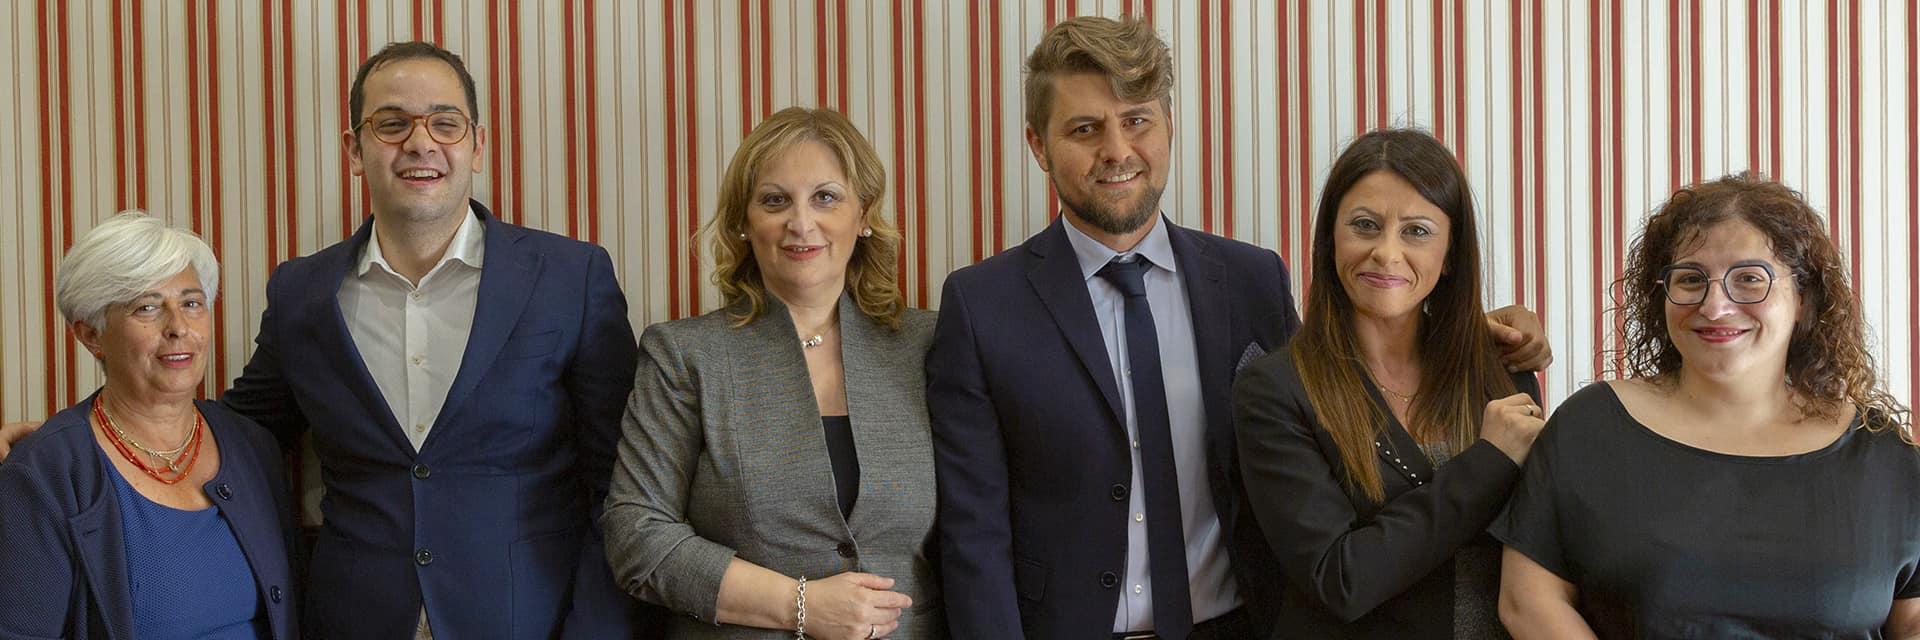 Studio Legale Avv. Carmela Trotta - Team1